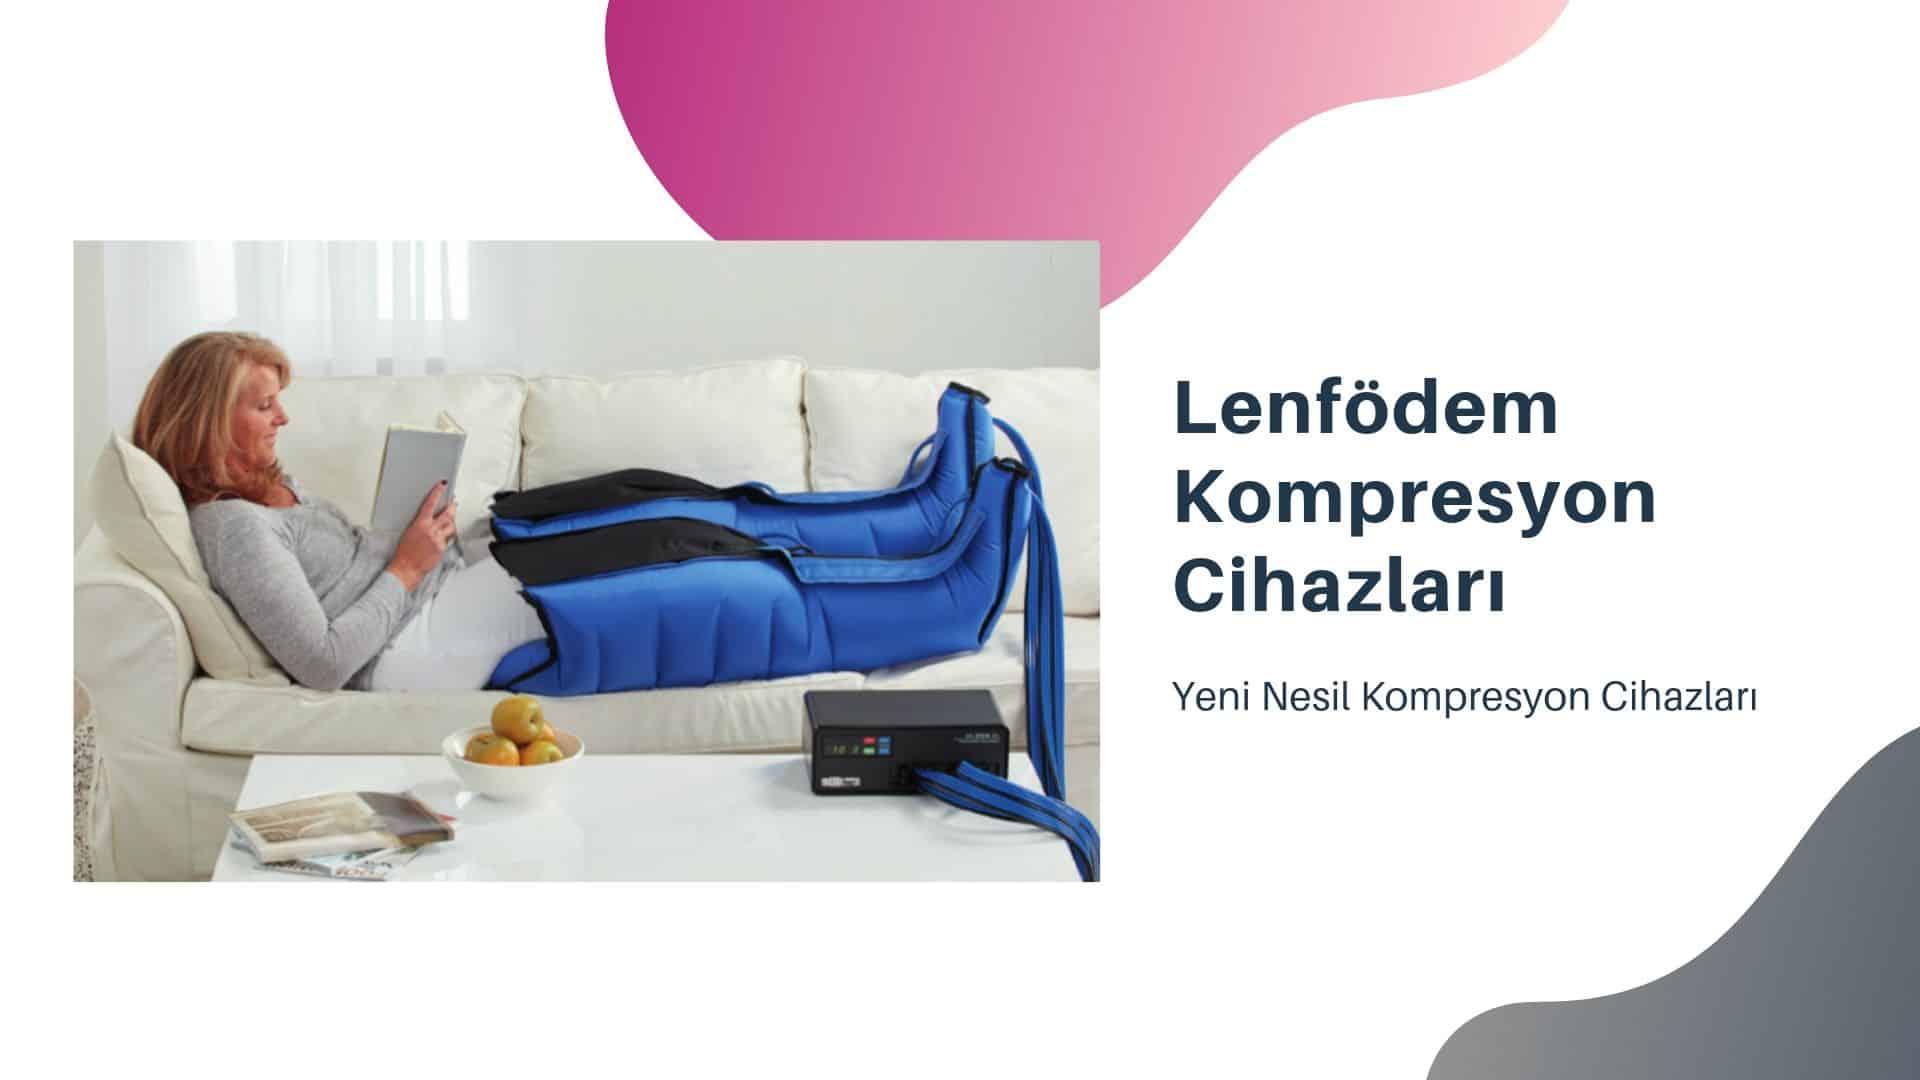 Lenfödem Kompresyon Cihazları